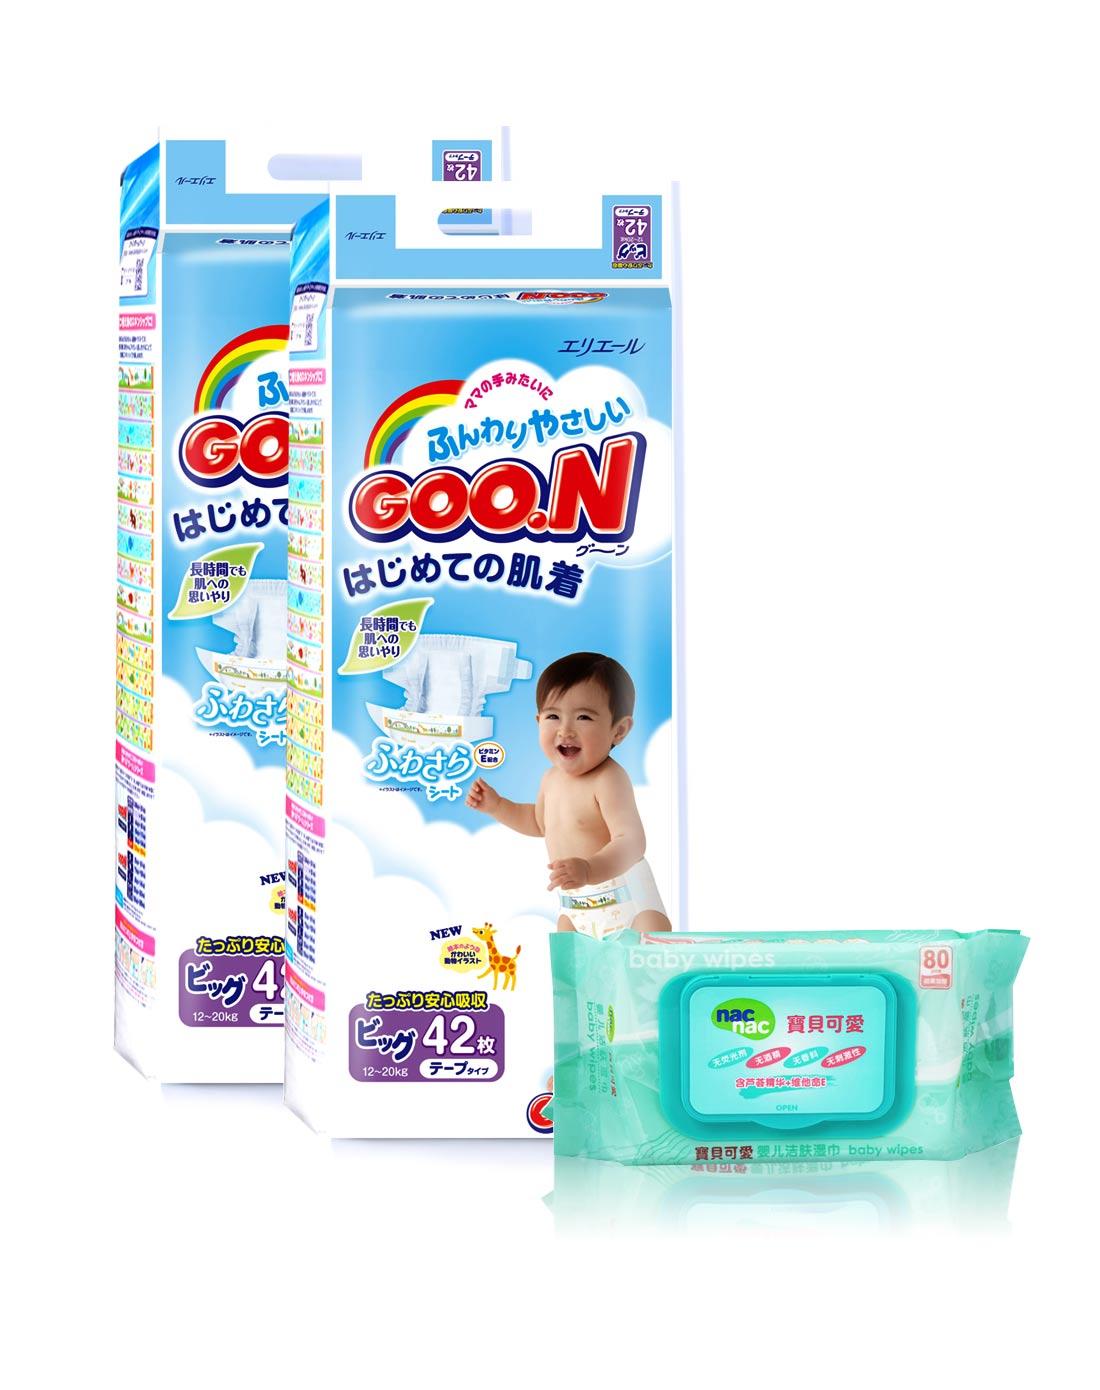 维e婴儿纸尿裤/尿不湿xl42(12-20kg)42片*4(整箱)(赠送宝贝可爱湿巾)